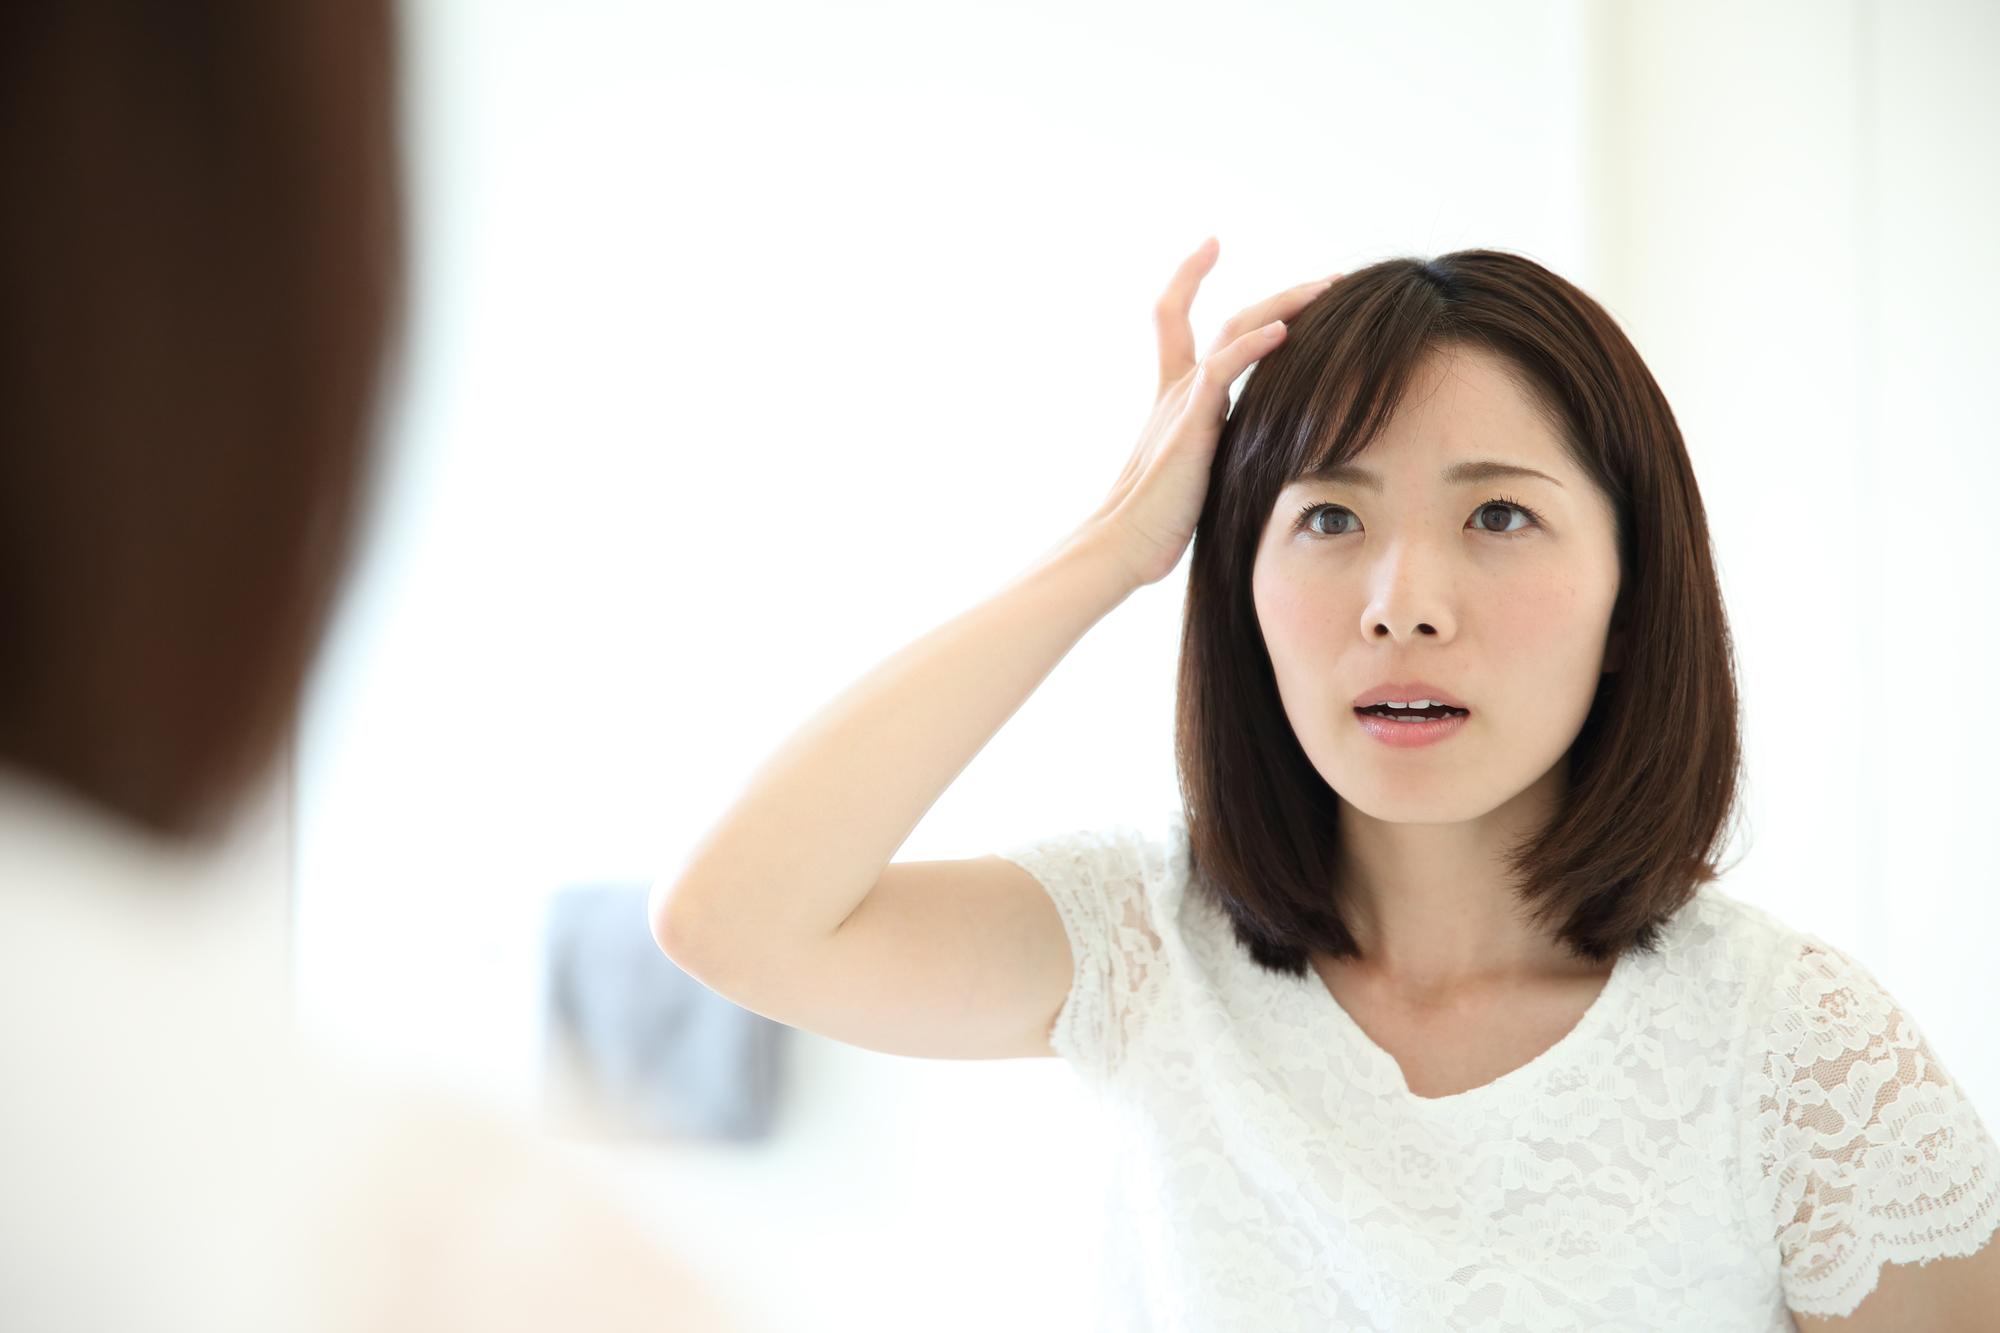 前髪の抜け毛 薄毛が気になる 女性の薄毛の原因と対策 薄毛対策室